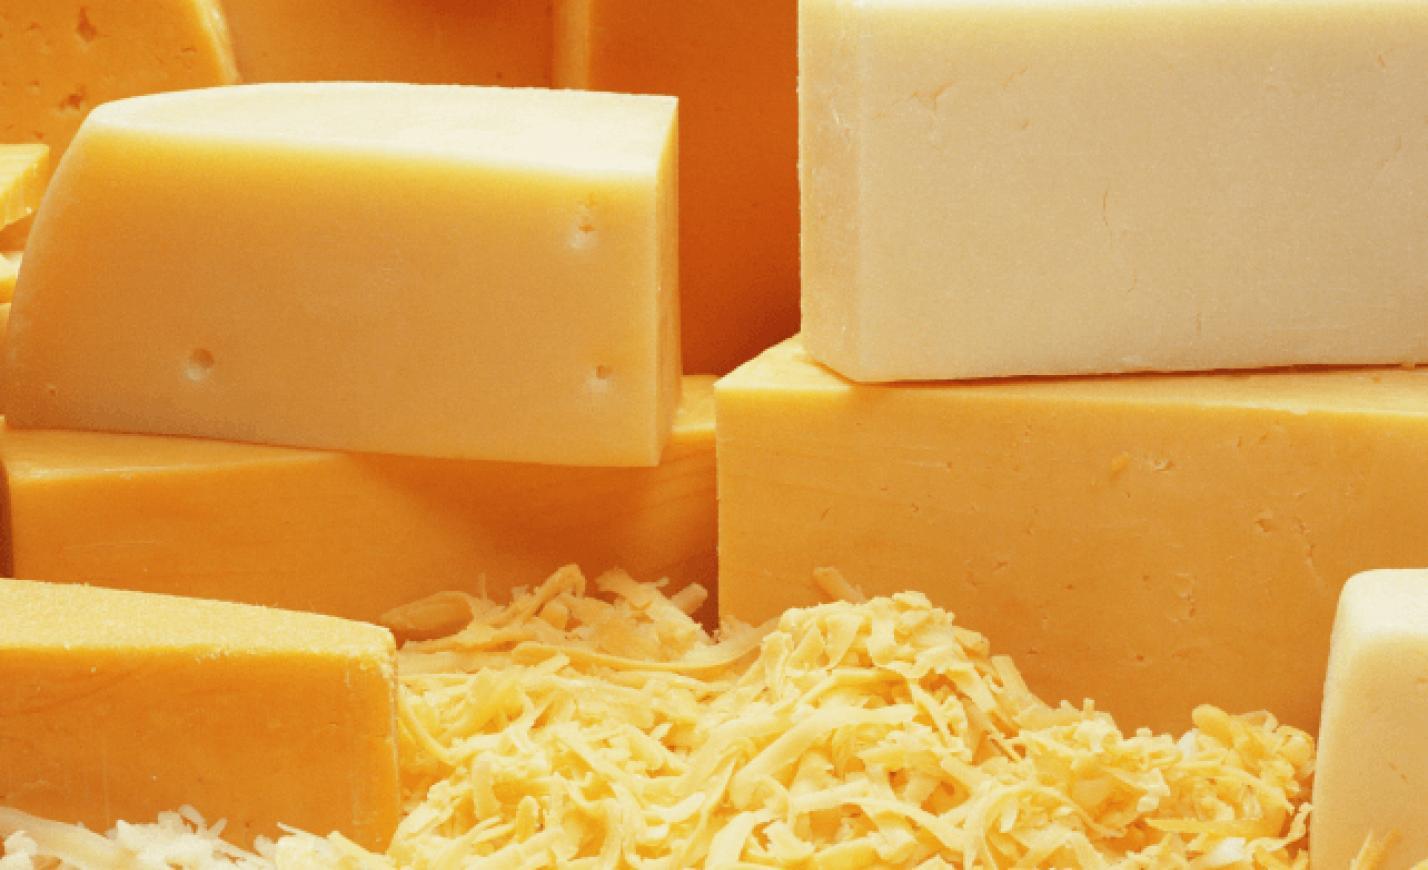 Sajtbírálókat avattak: a fogyasztókat, a sajtkészítőket és az éttermeket is segítik a különleges szakemberek